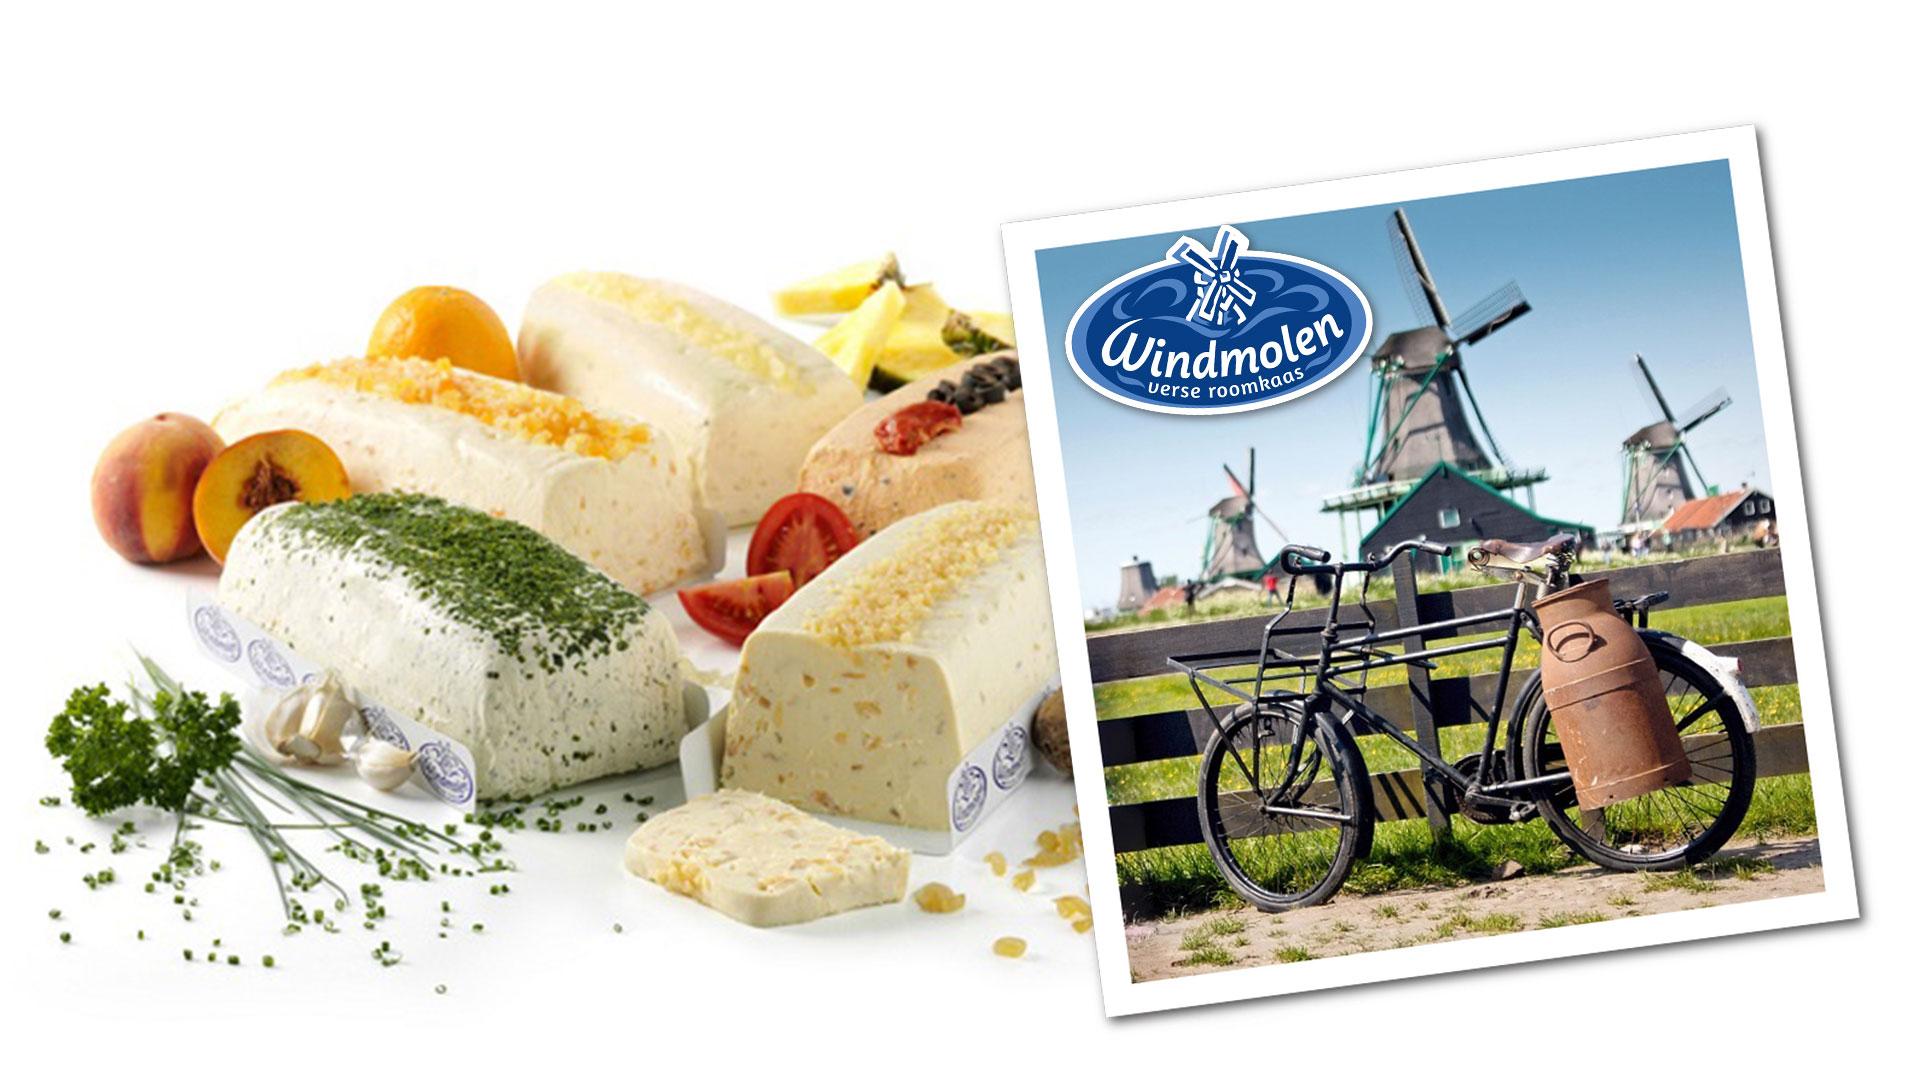 MAAZ Cheese - Windmolen roomkaas